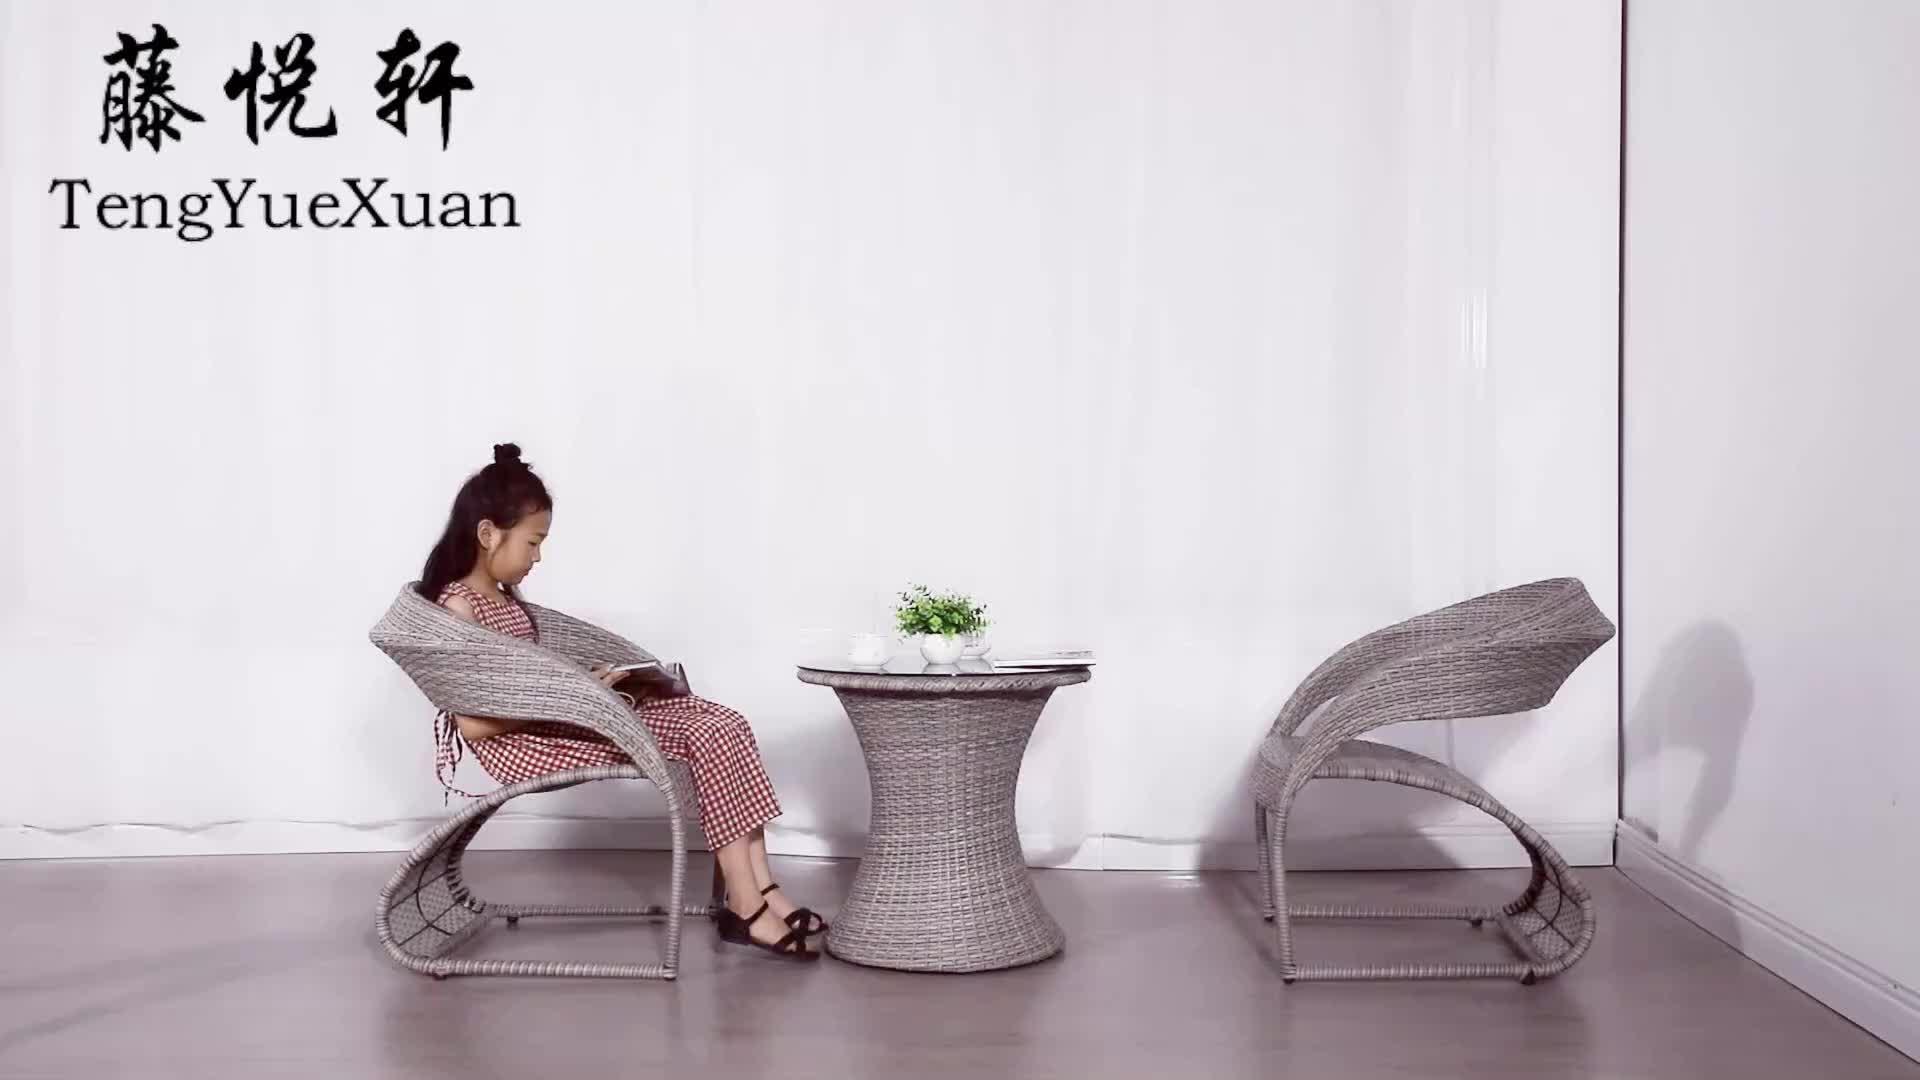 阳台藤椅三件套 藤编户外庭院阳台桌椅组合 厂家直销休闲户外家具